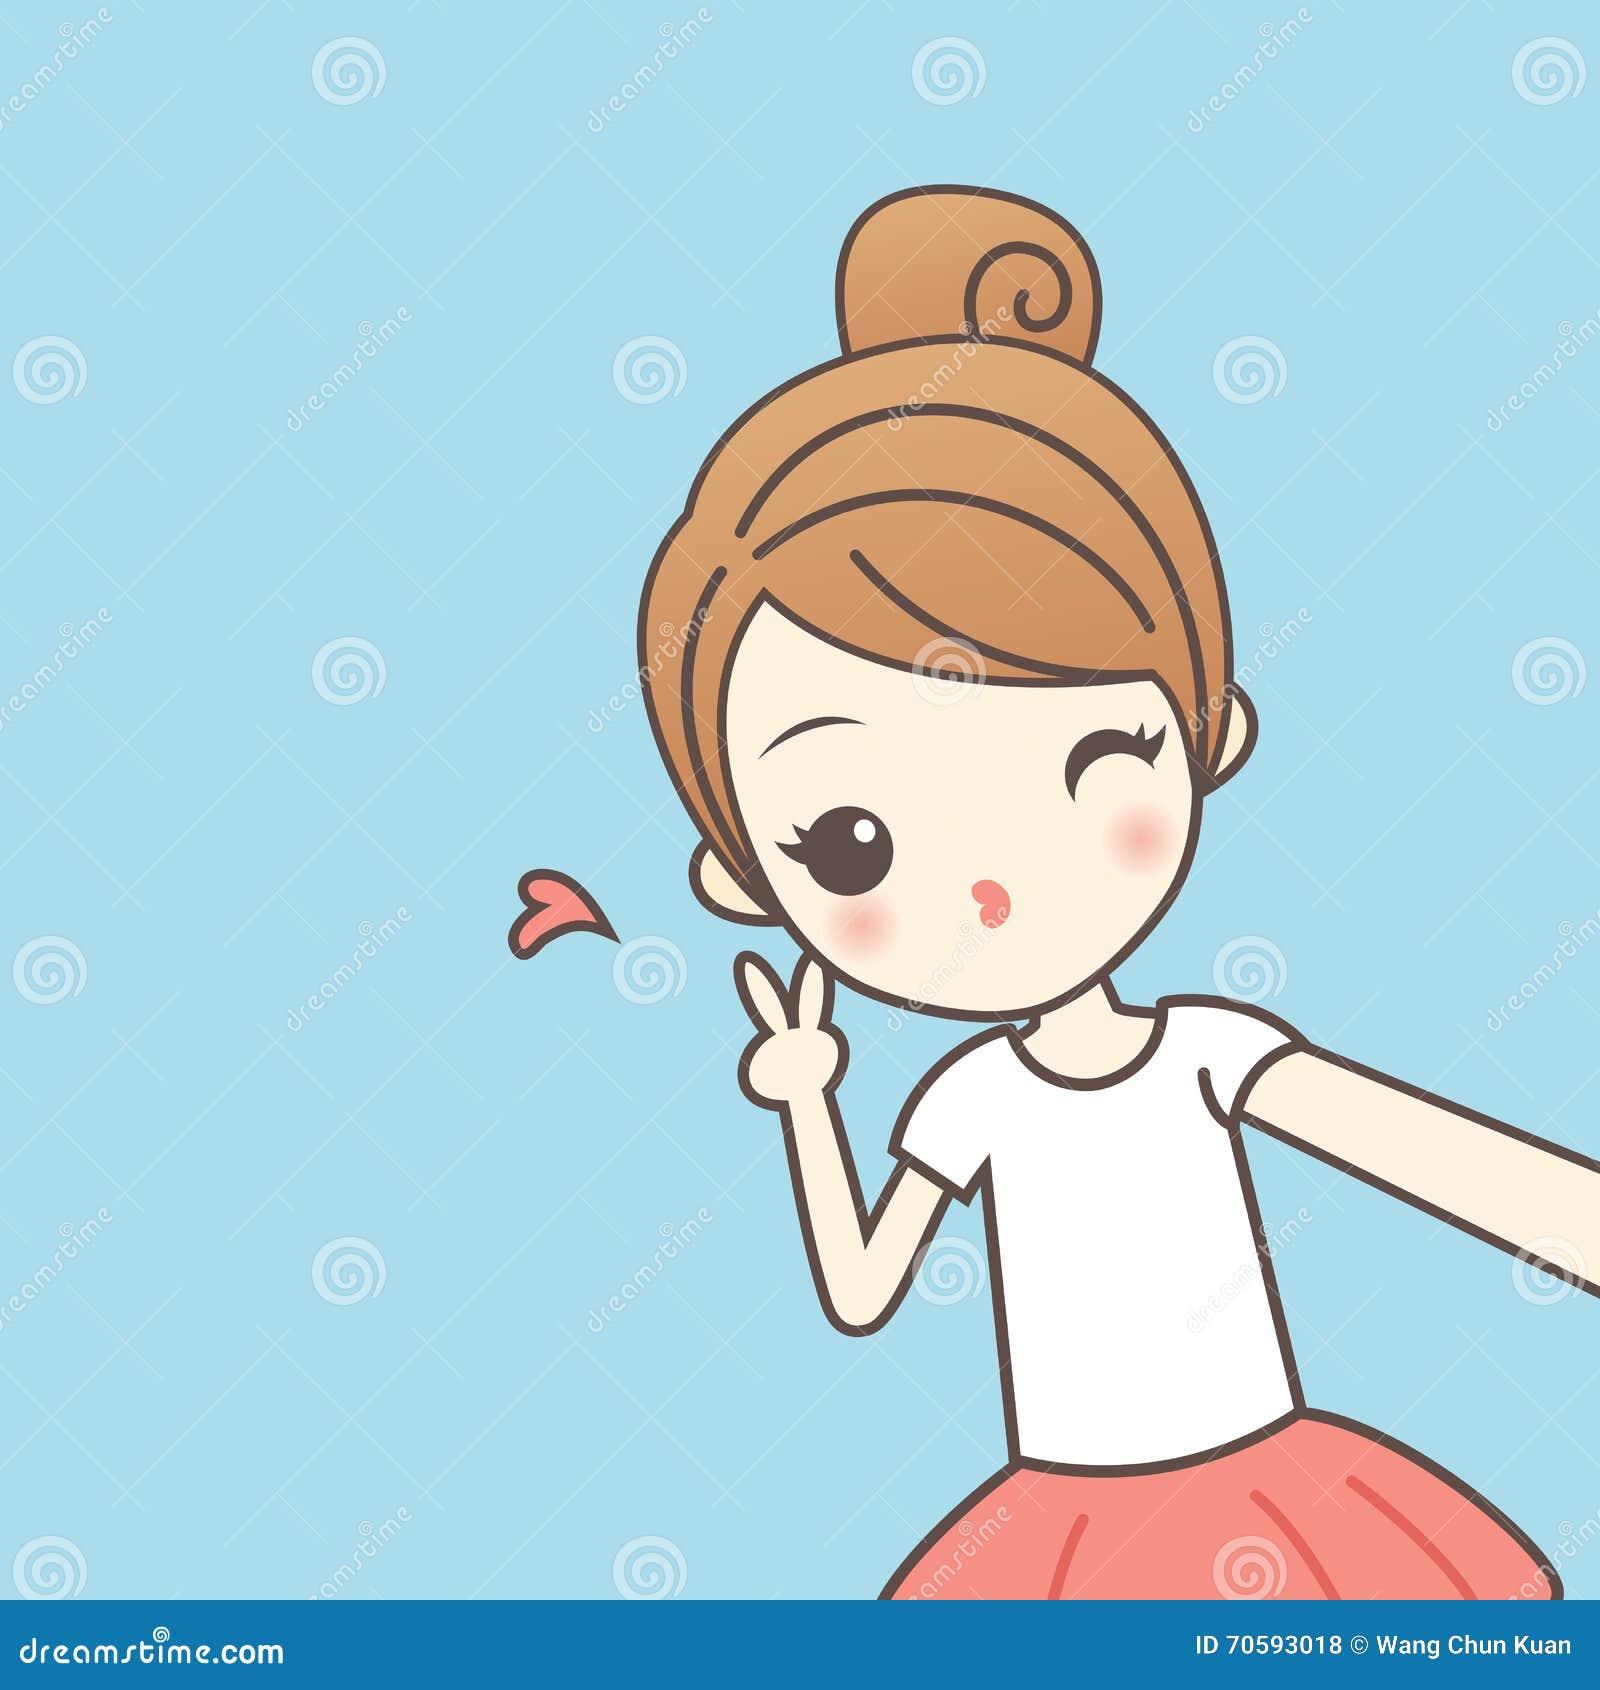 Girl on girl cartoons